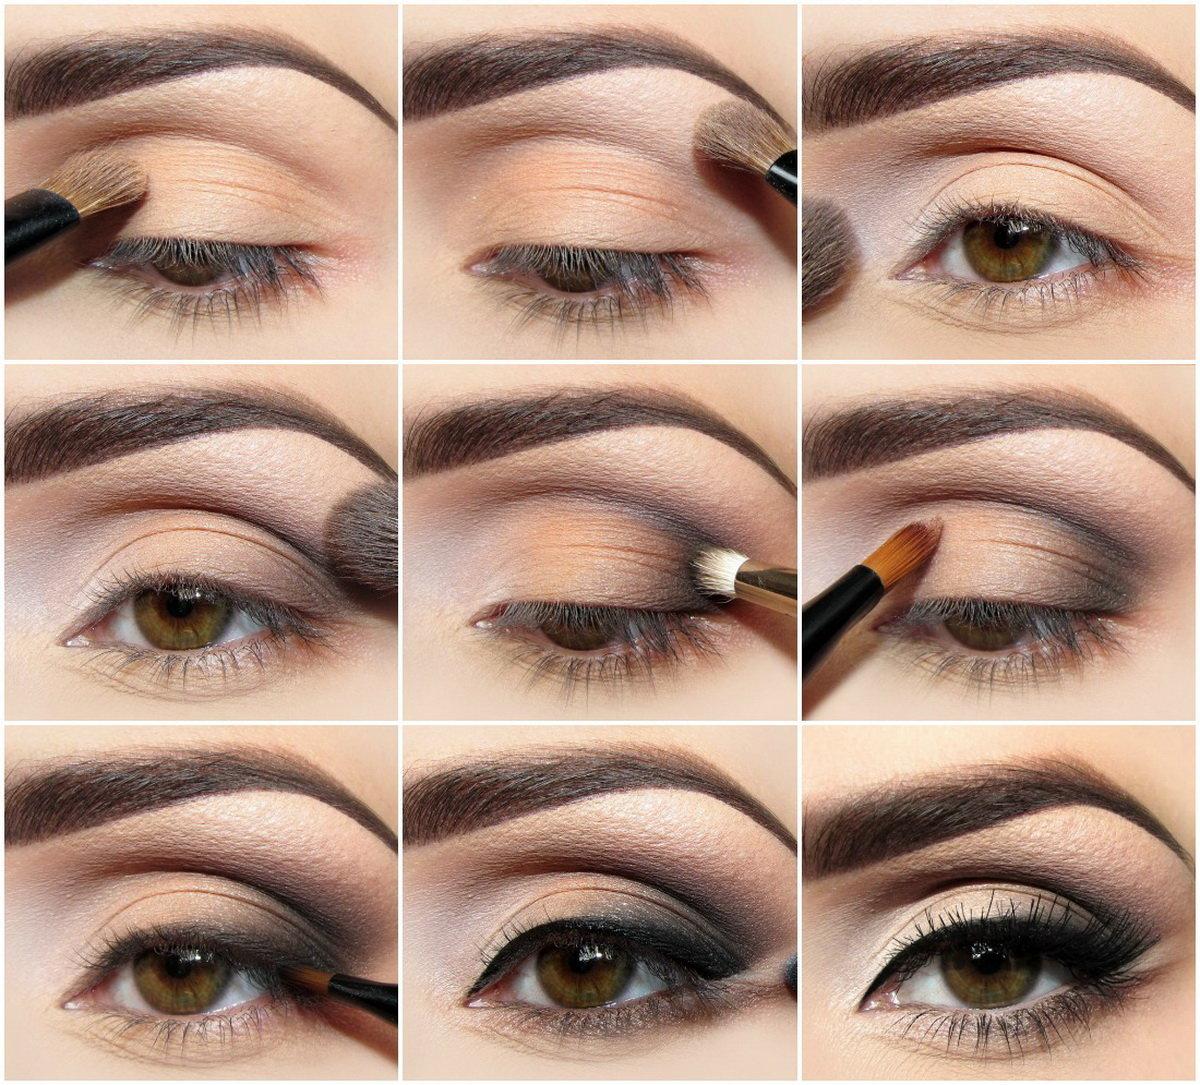 Как правильно подобрать и нанести макияж в домашних условиях